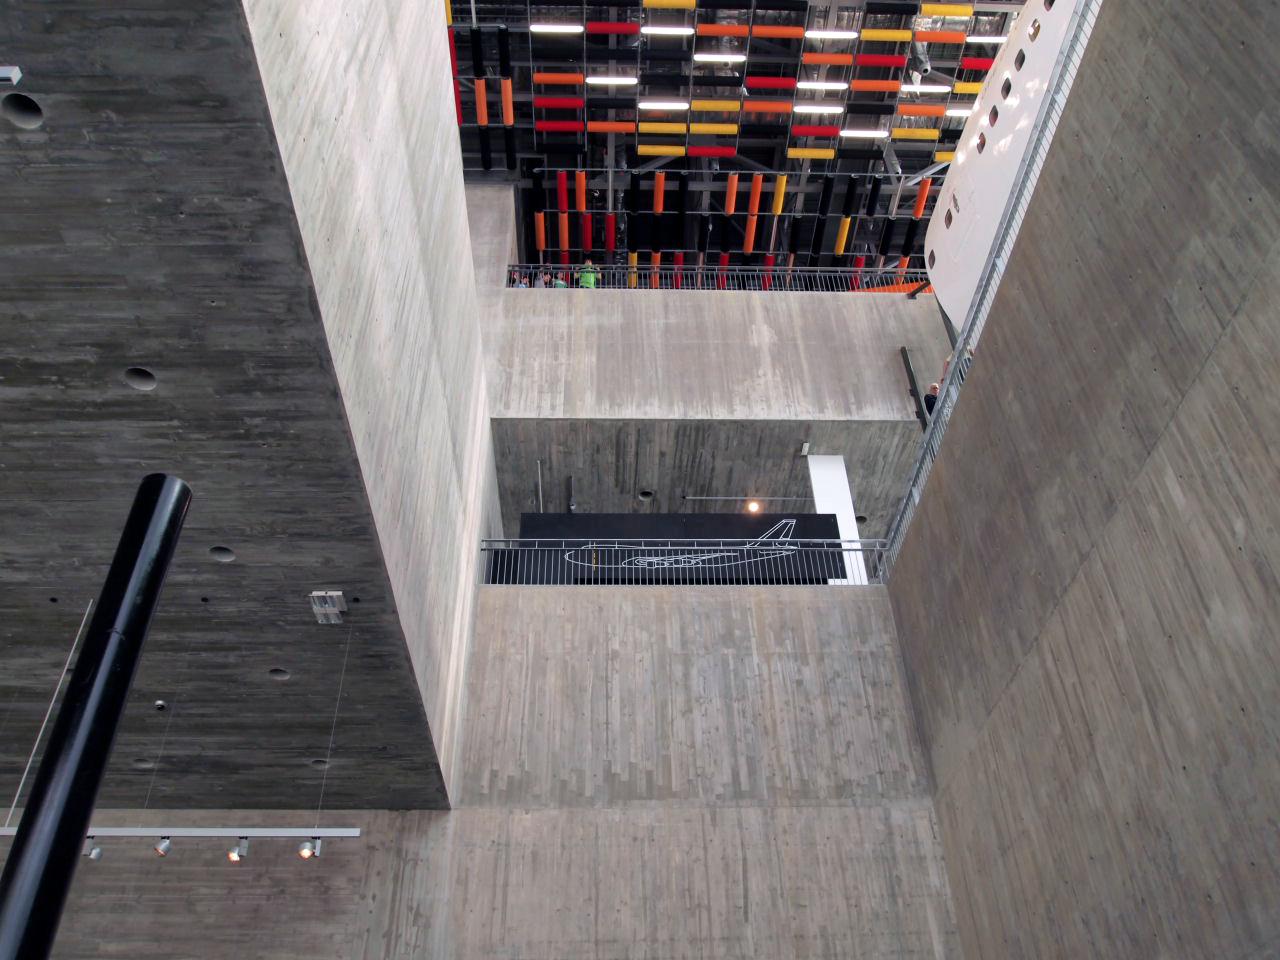 MUNCYT A Coruña - Acebo x Alonso - Premio de Arquitectura Joven_IX Bienal Española de Arquitectura y Urbanismo